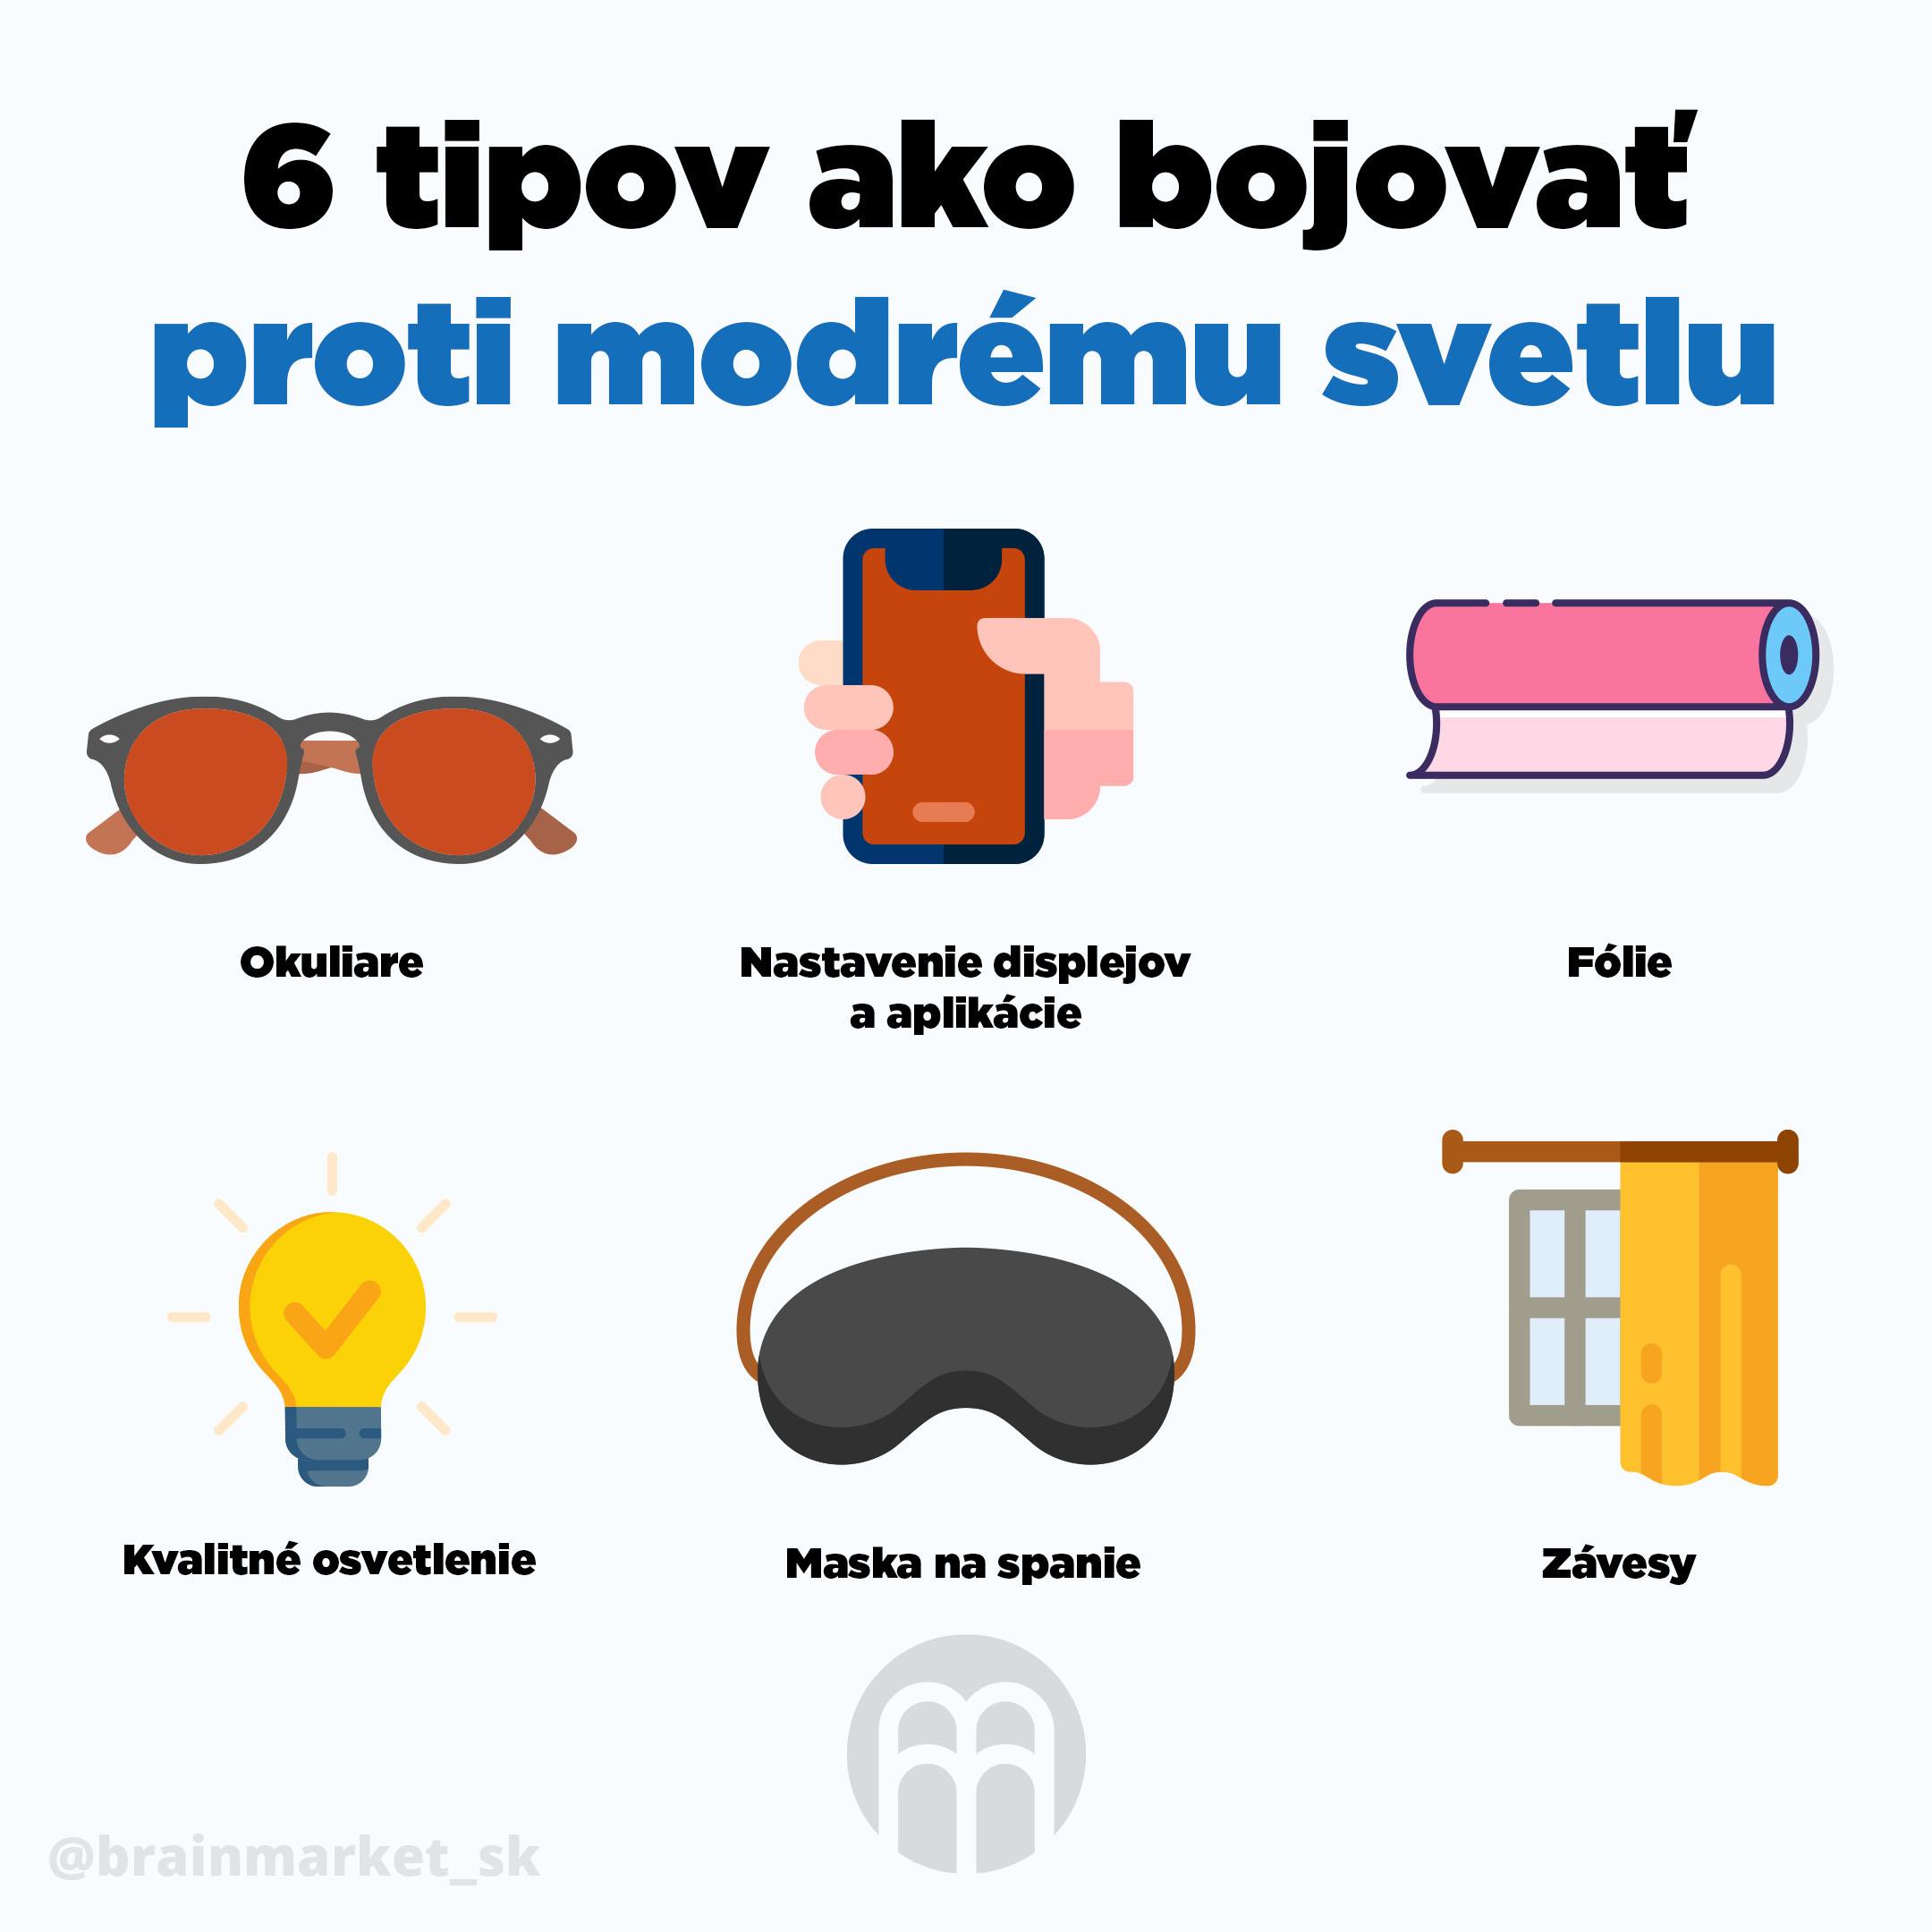 Votamax Dětské brýle CUBE blokující 35% modrého světla (modro-žluté)